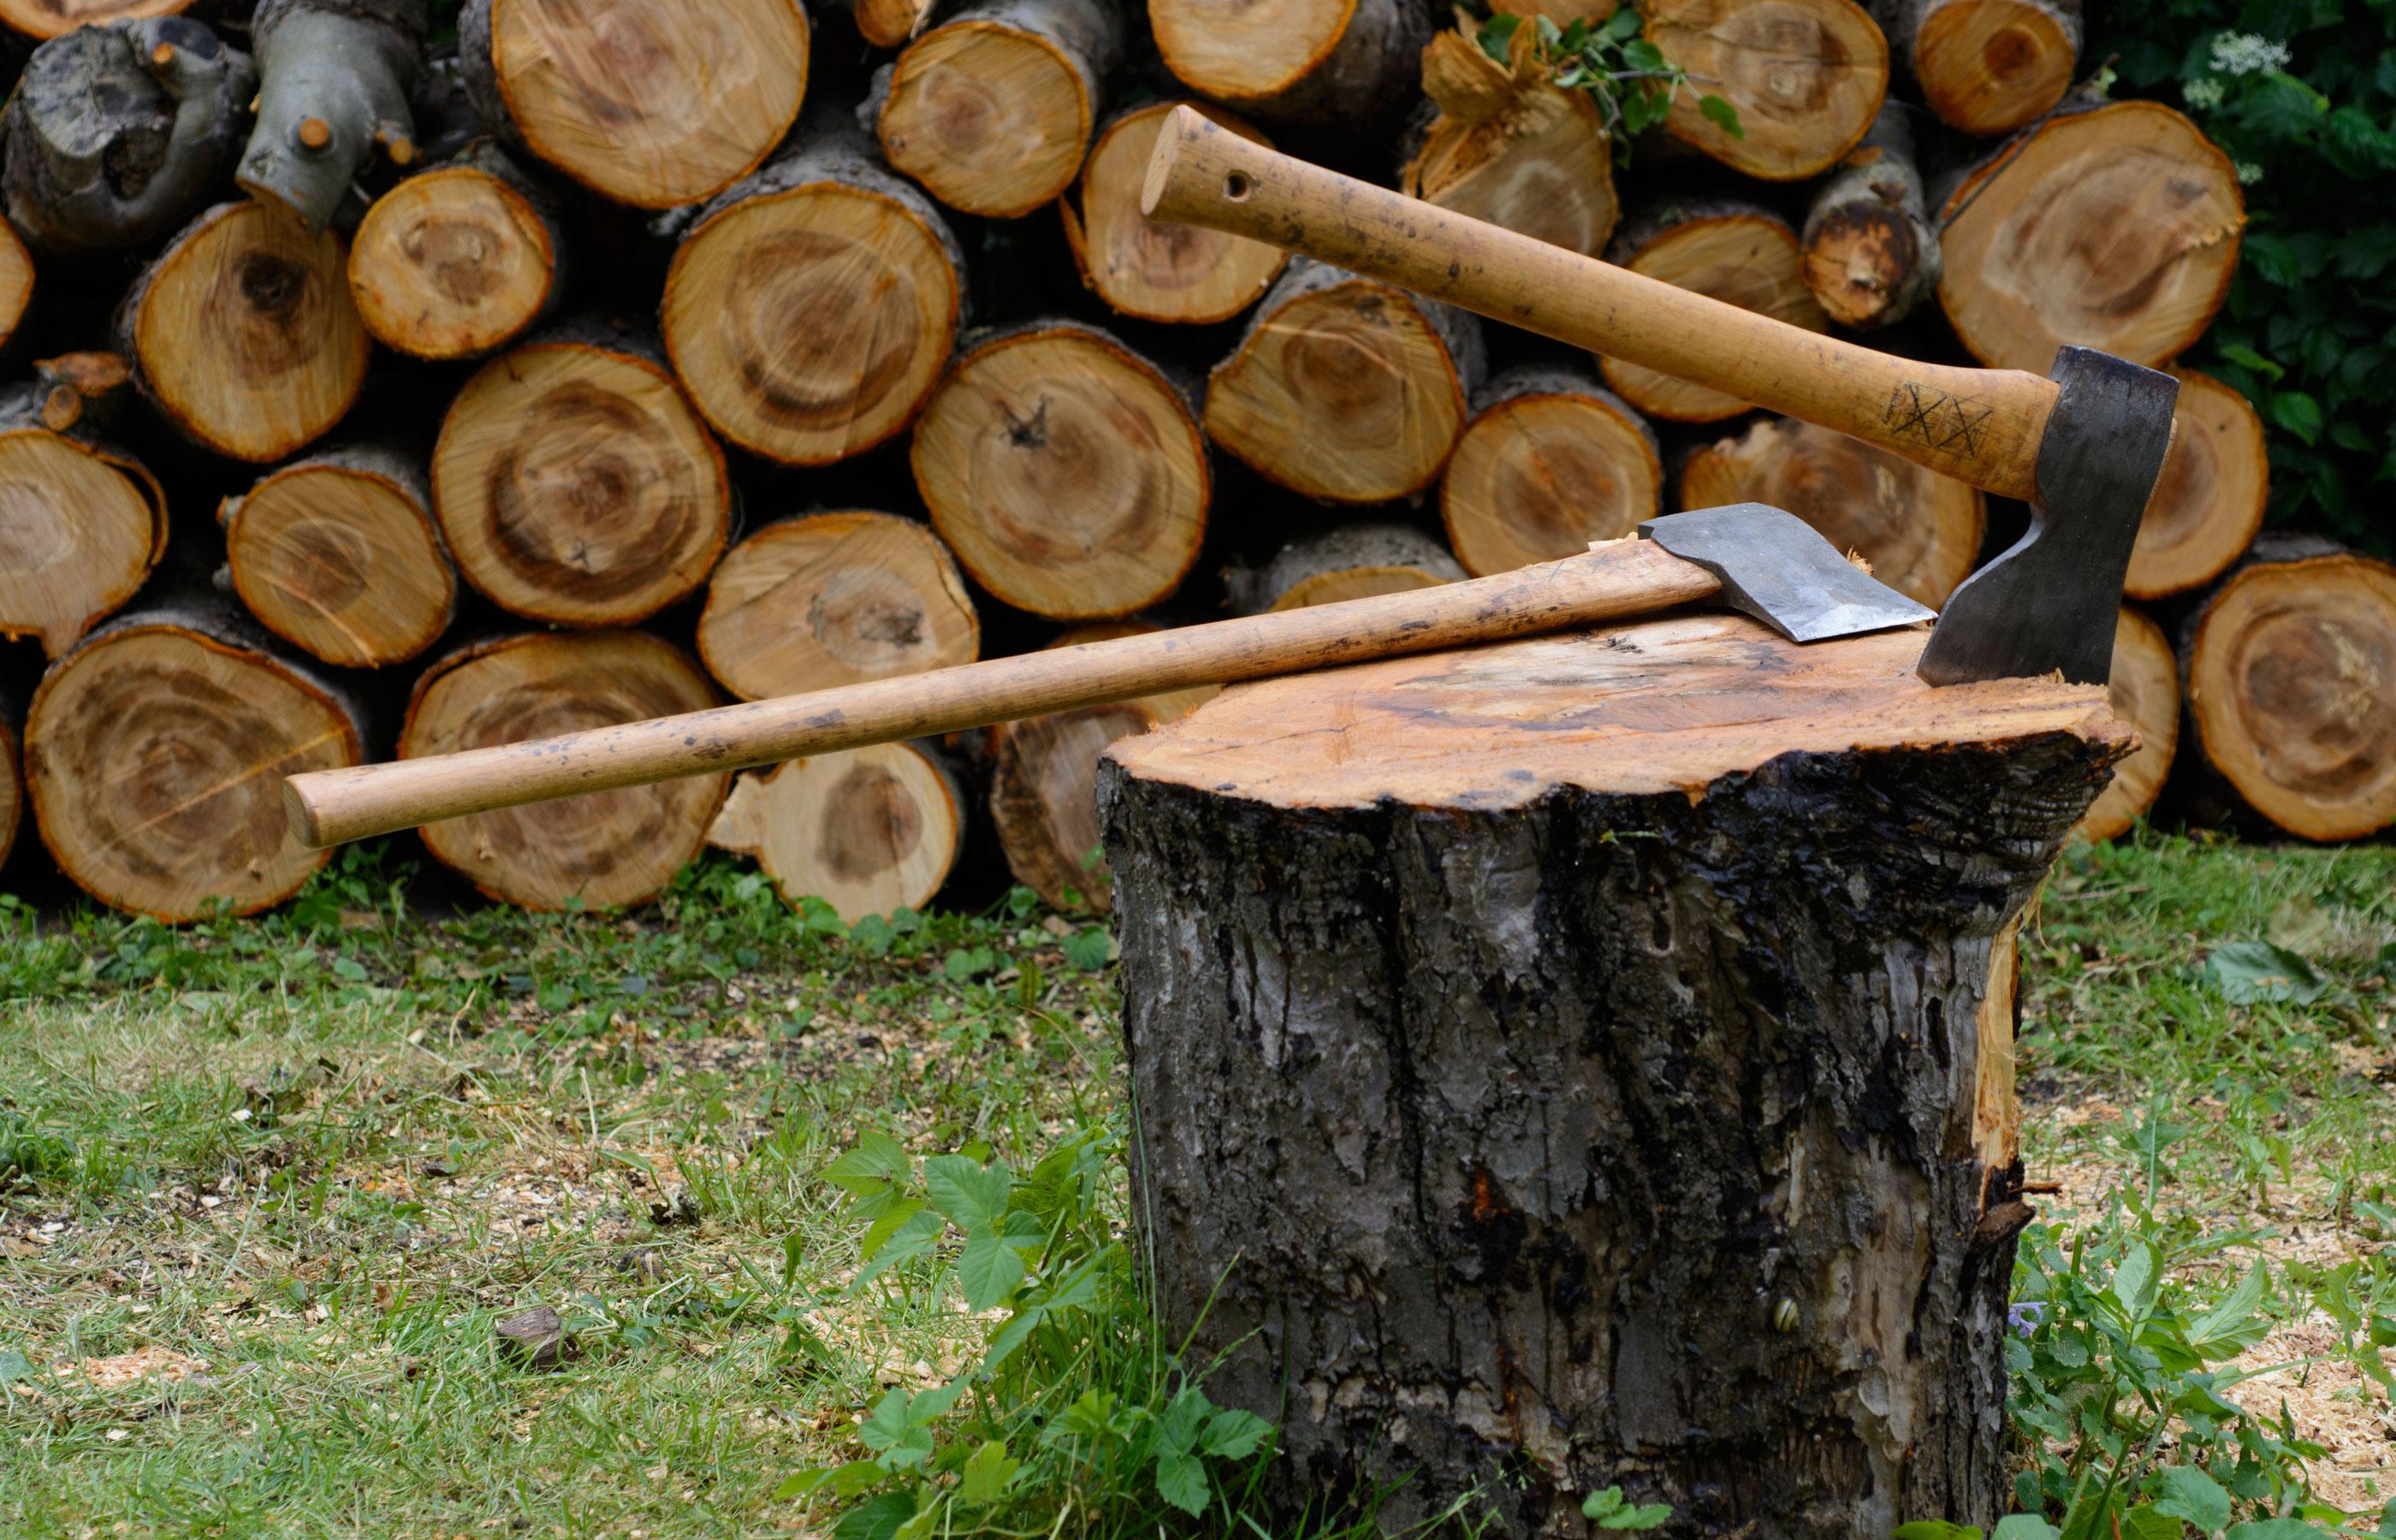 Der Wald ist ein bedeutender Wirtschaftsfaktor: Er steht für 180 Milliarden Euro Umsatz pro Jahr